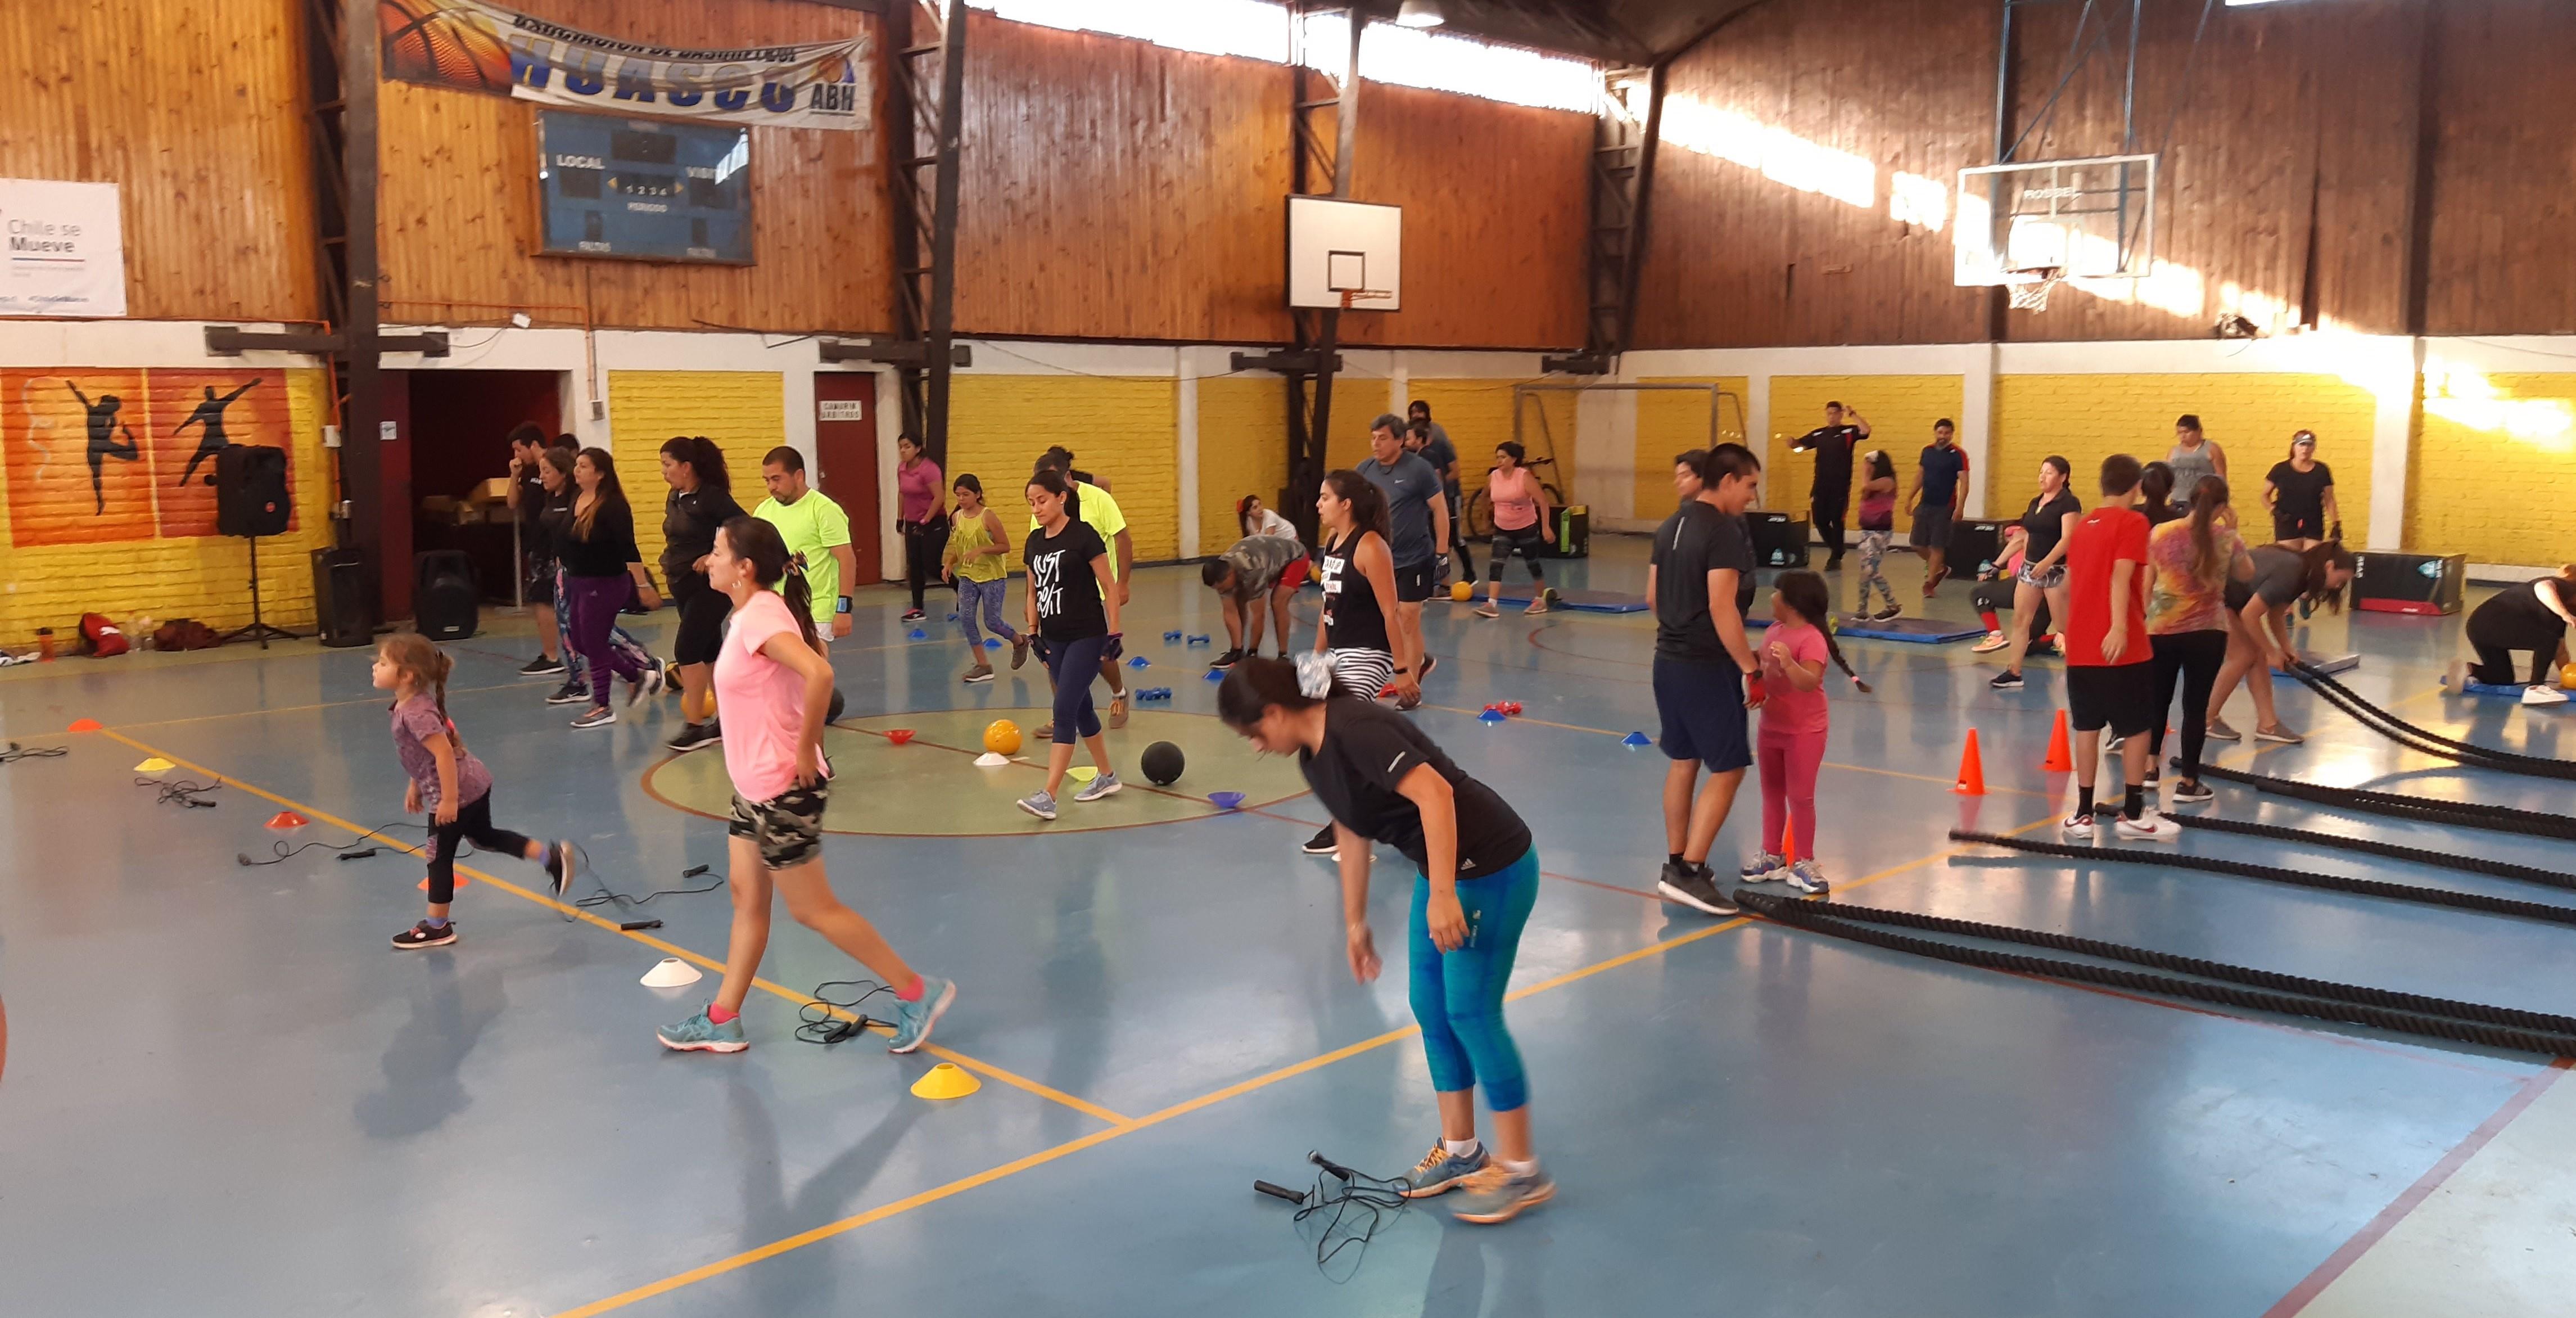 Adiós al sedentarismo: AES Gener fomenta el deporte en Huasco apoyando el entrenamiento funcional